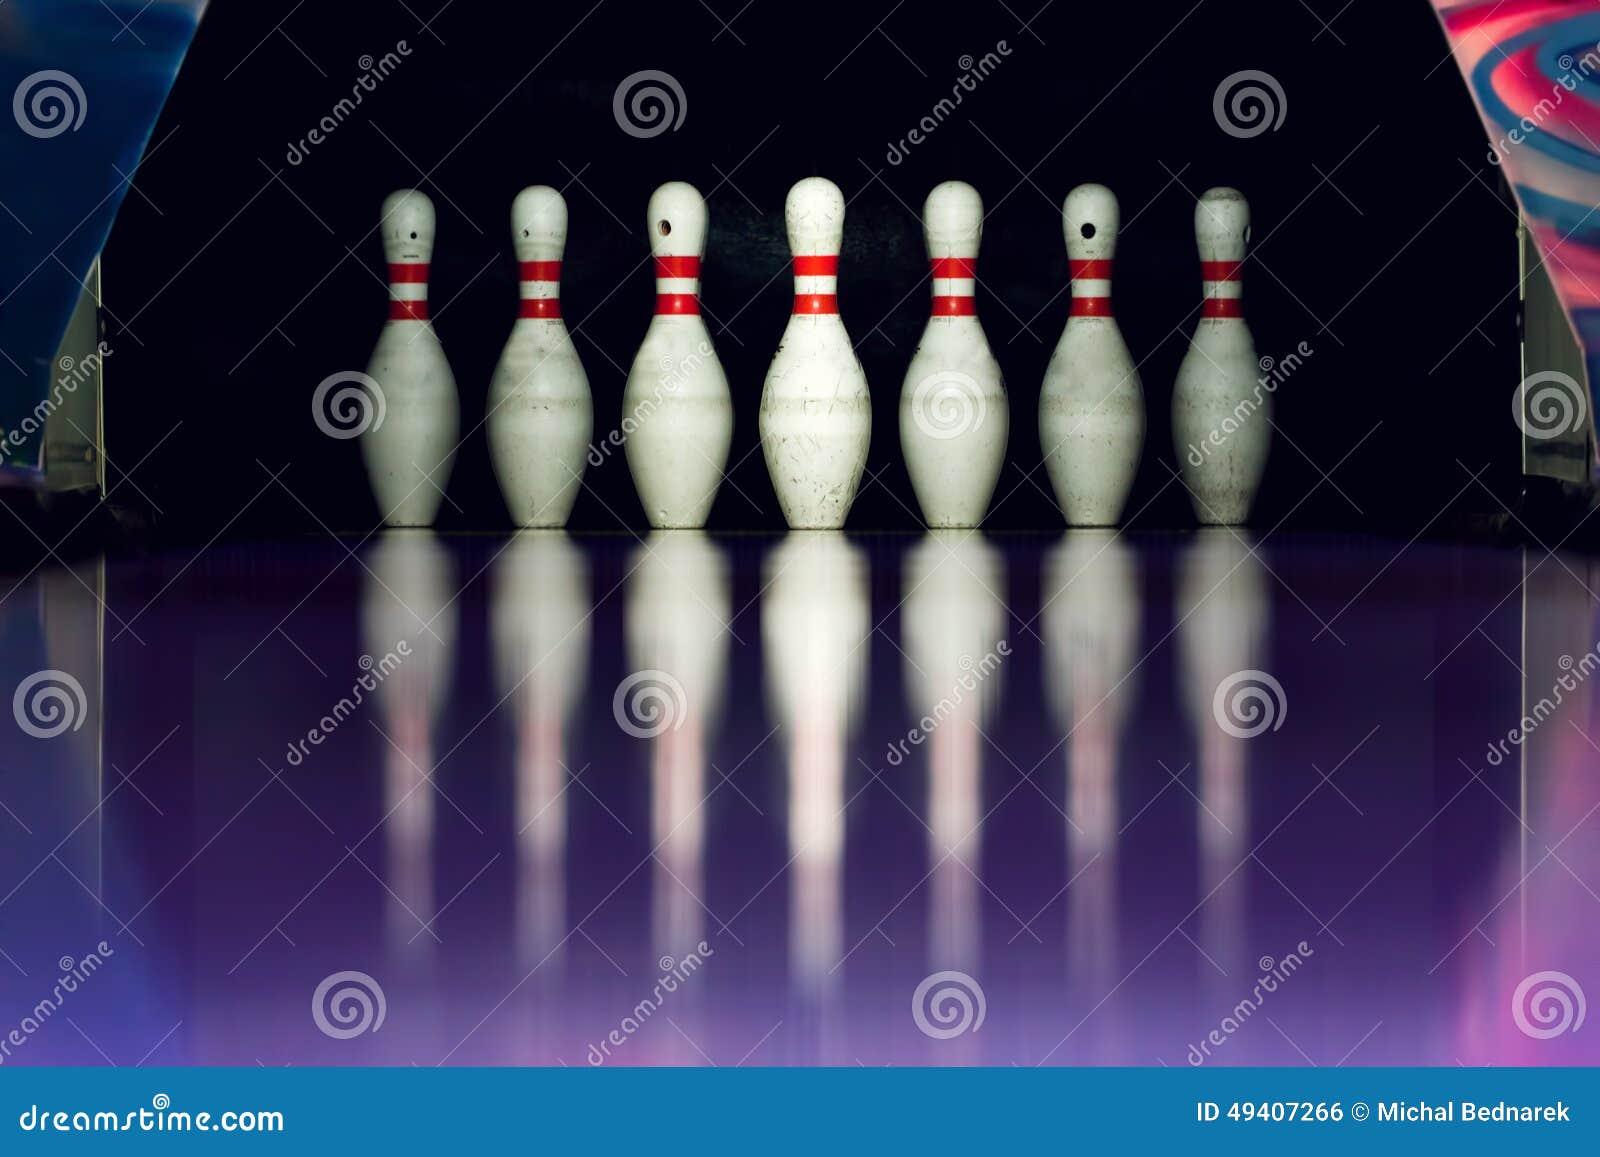 Download Bowlingspiel Kegel In Der Gasse Stockfoto - Bild von fußboden, schüsseln: 49407266